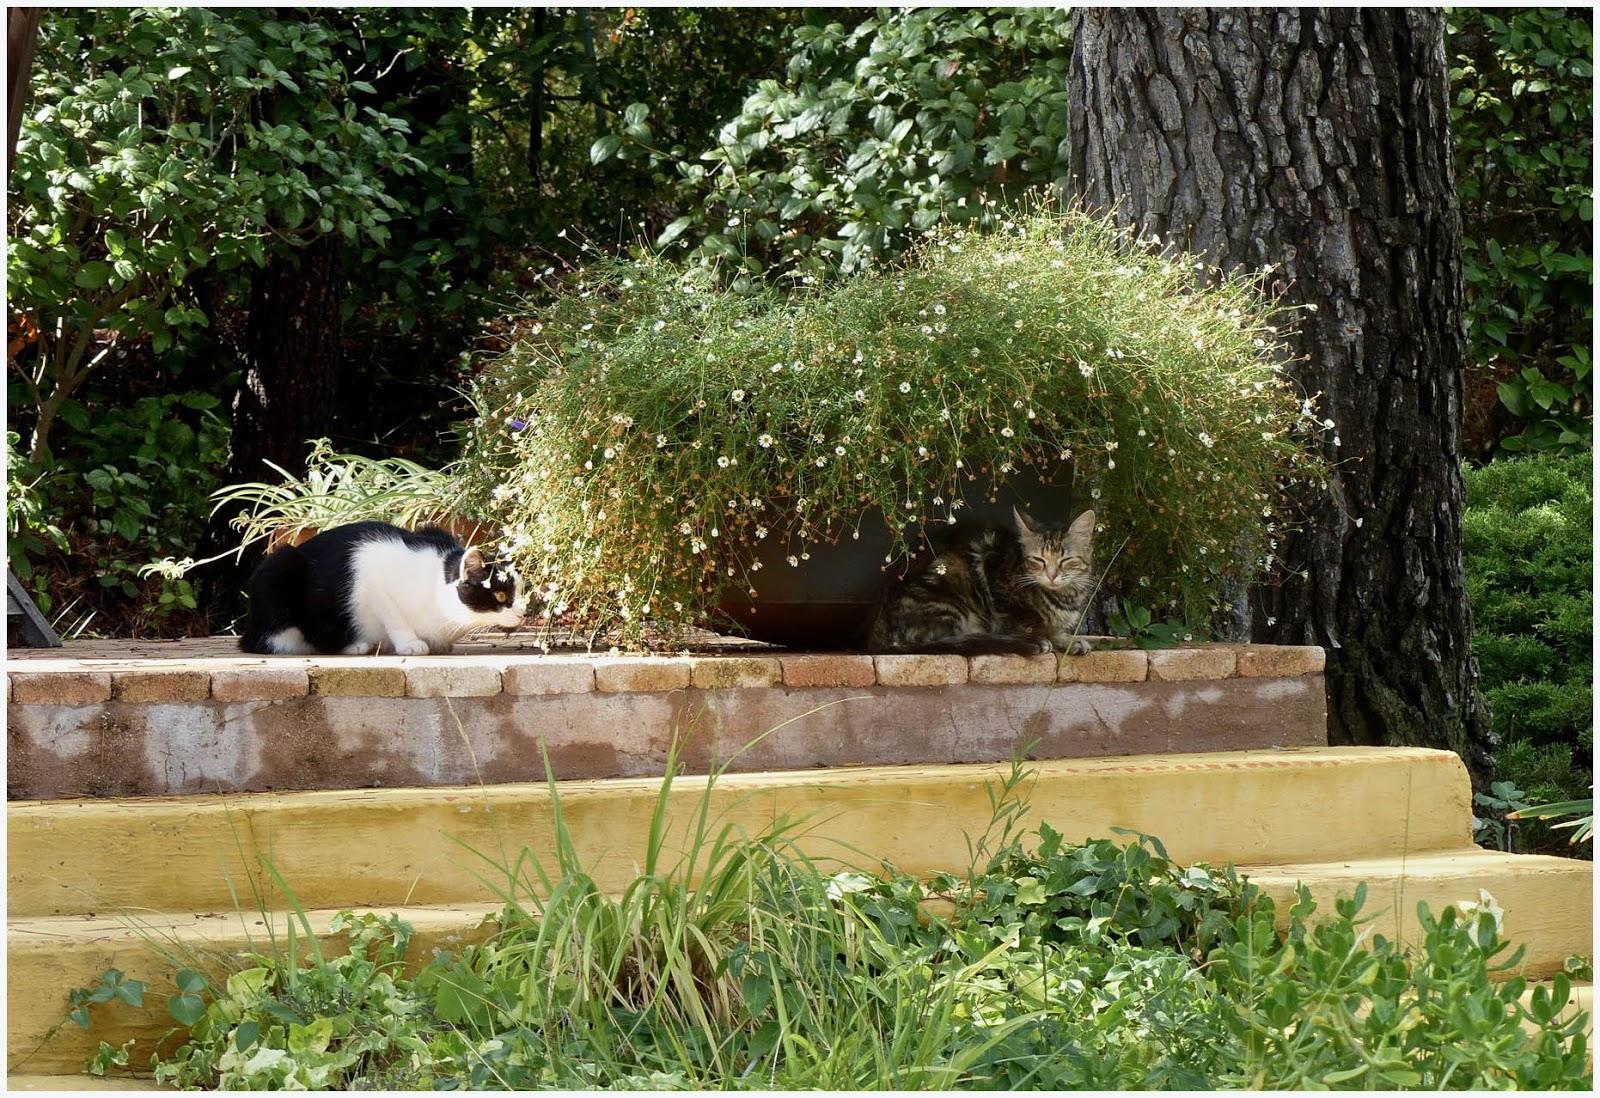 curieux jardin chacun cherche son chat. Black Bedroom Furniture Sets. Home Design Ideas